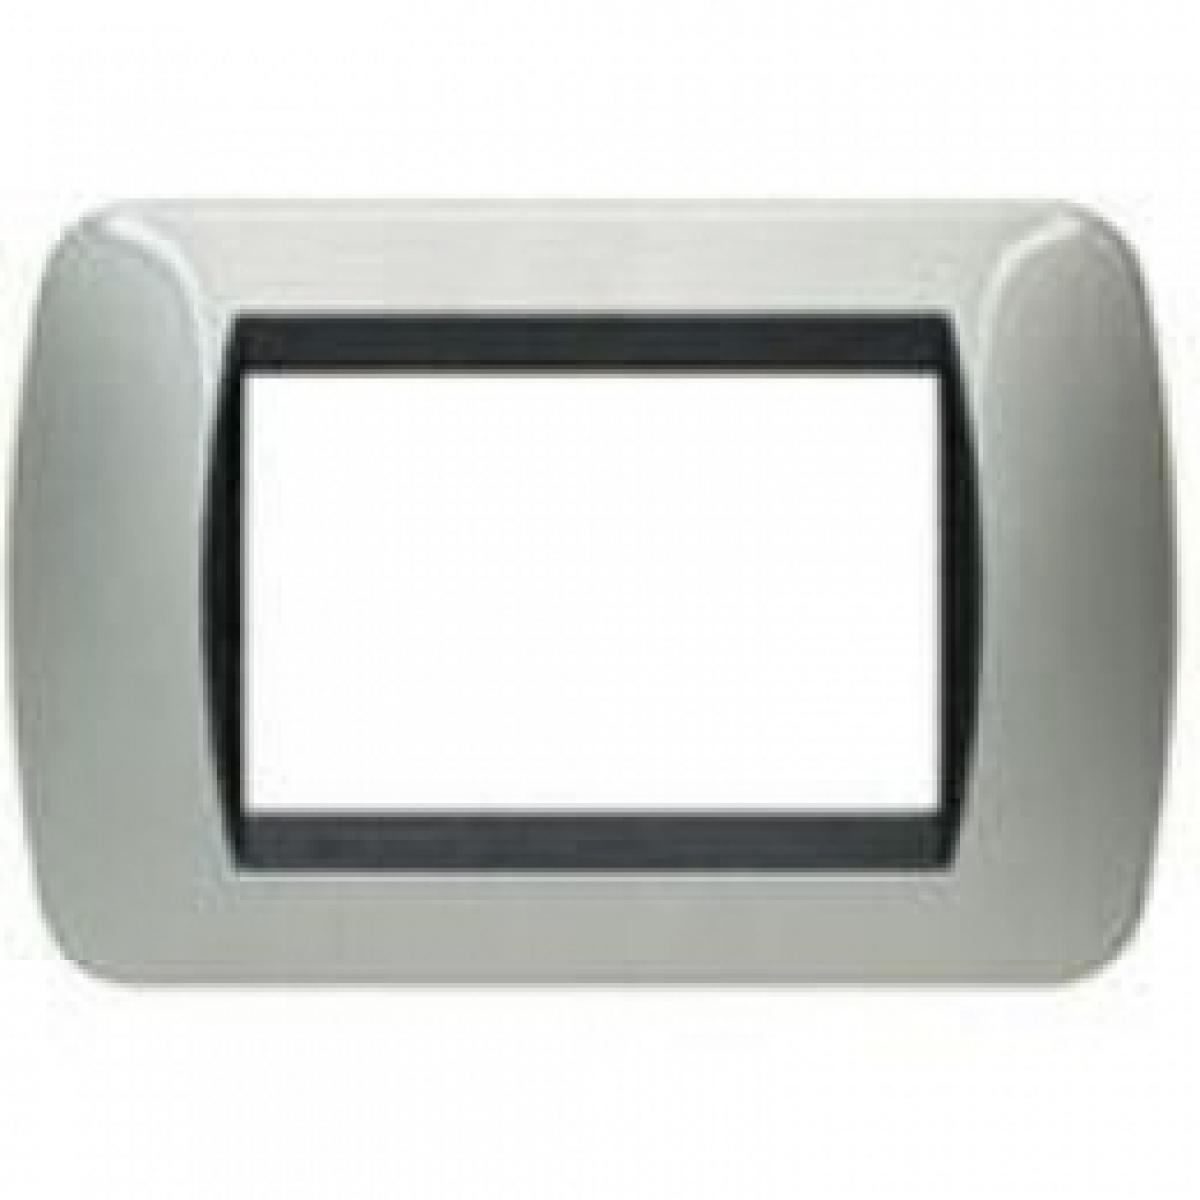 Placca 3 Moduli Alluminio Bticino Living International L4803AL